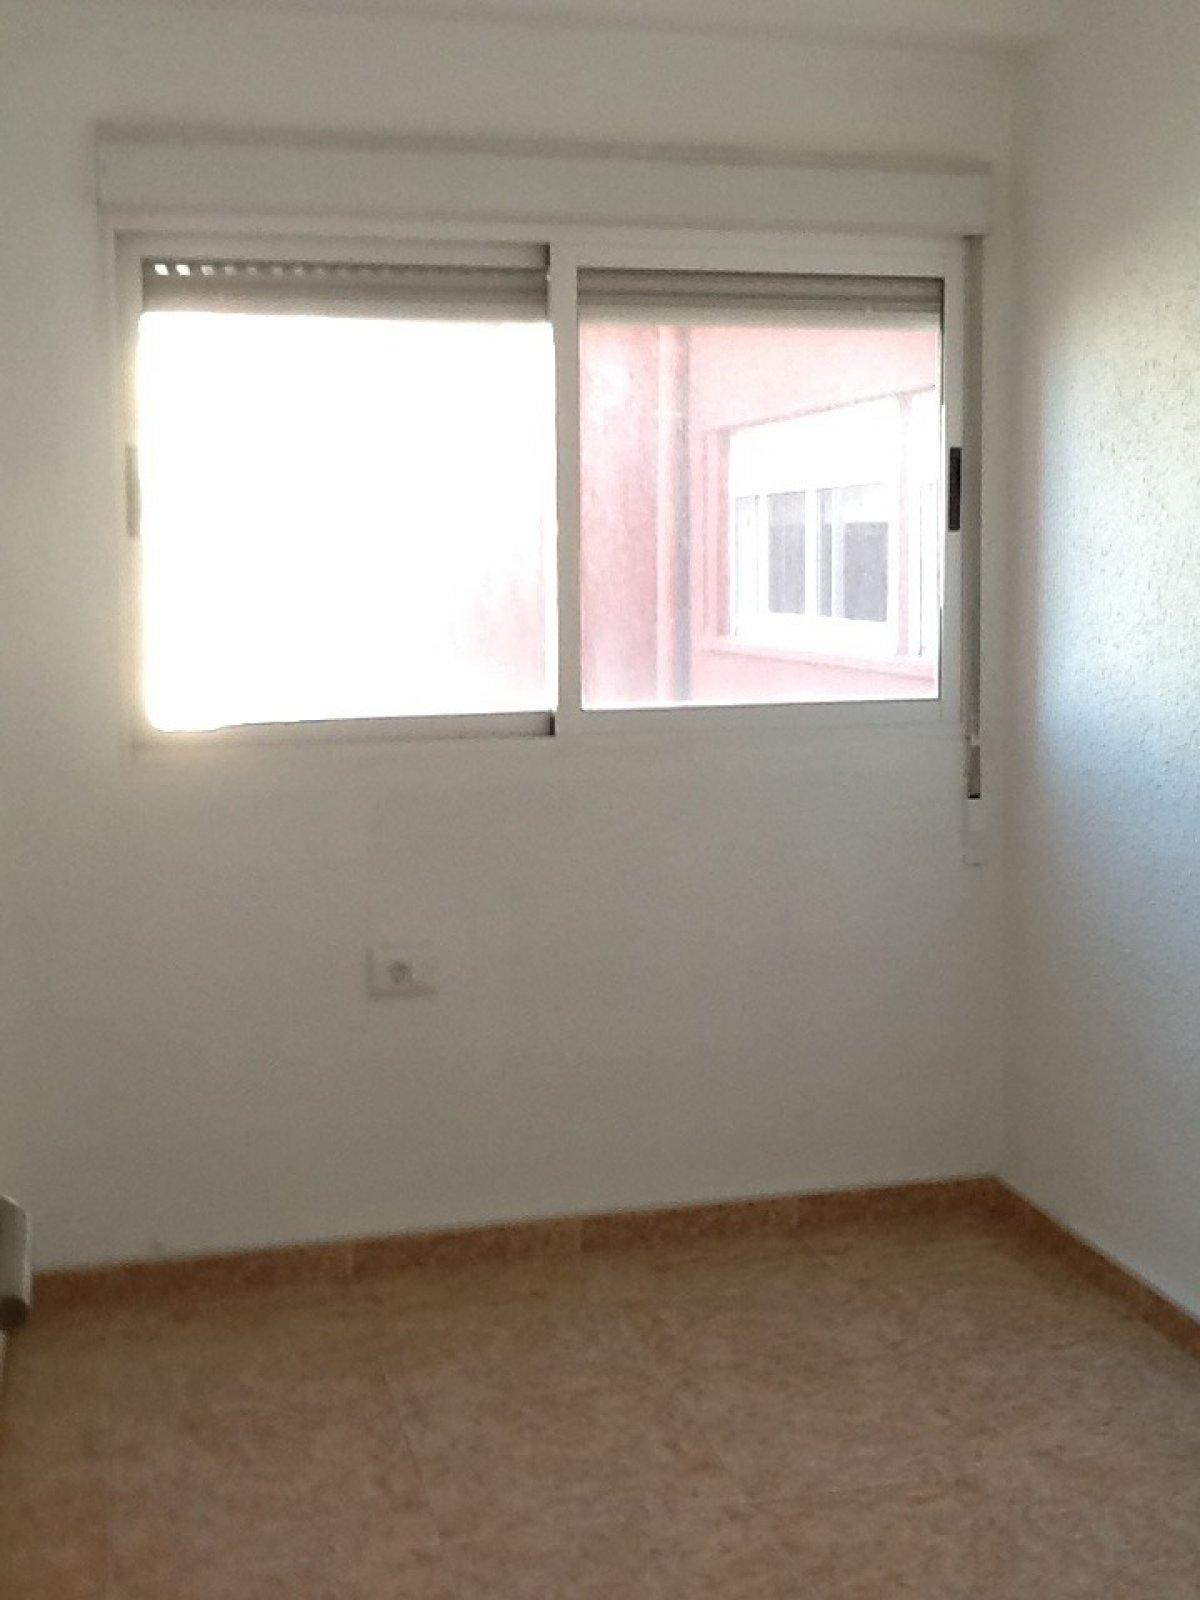 Alquiler de piso en valencia - imagenInmueble15